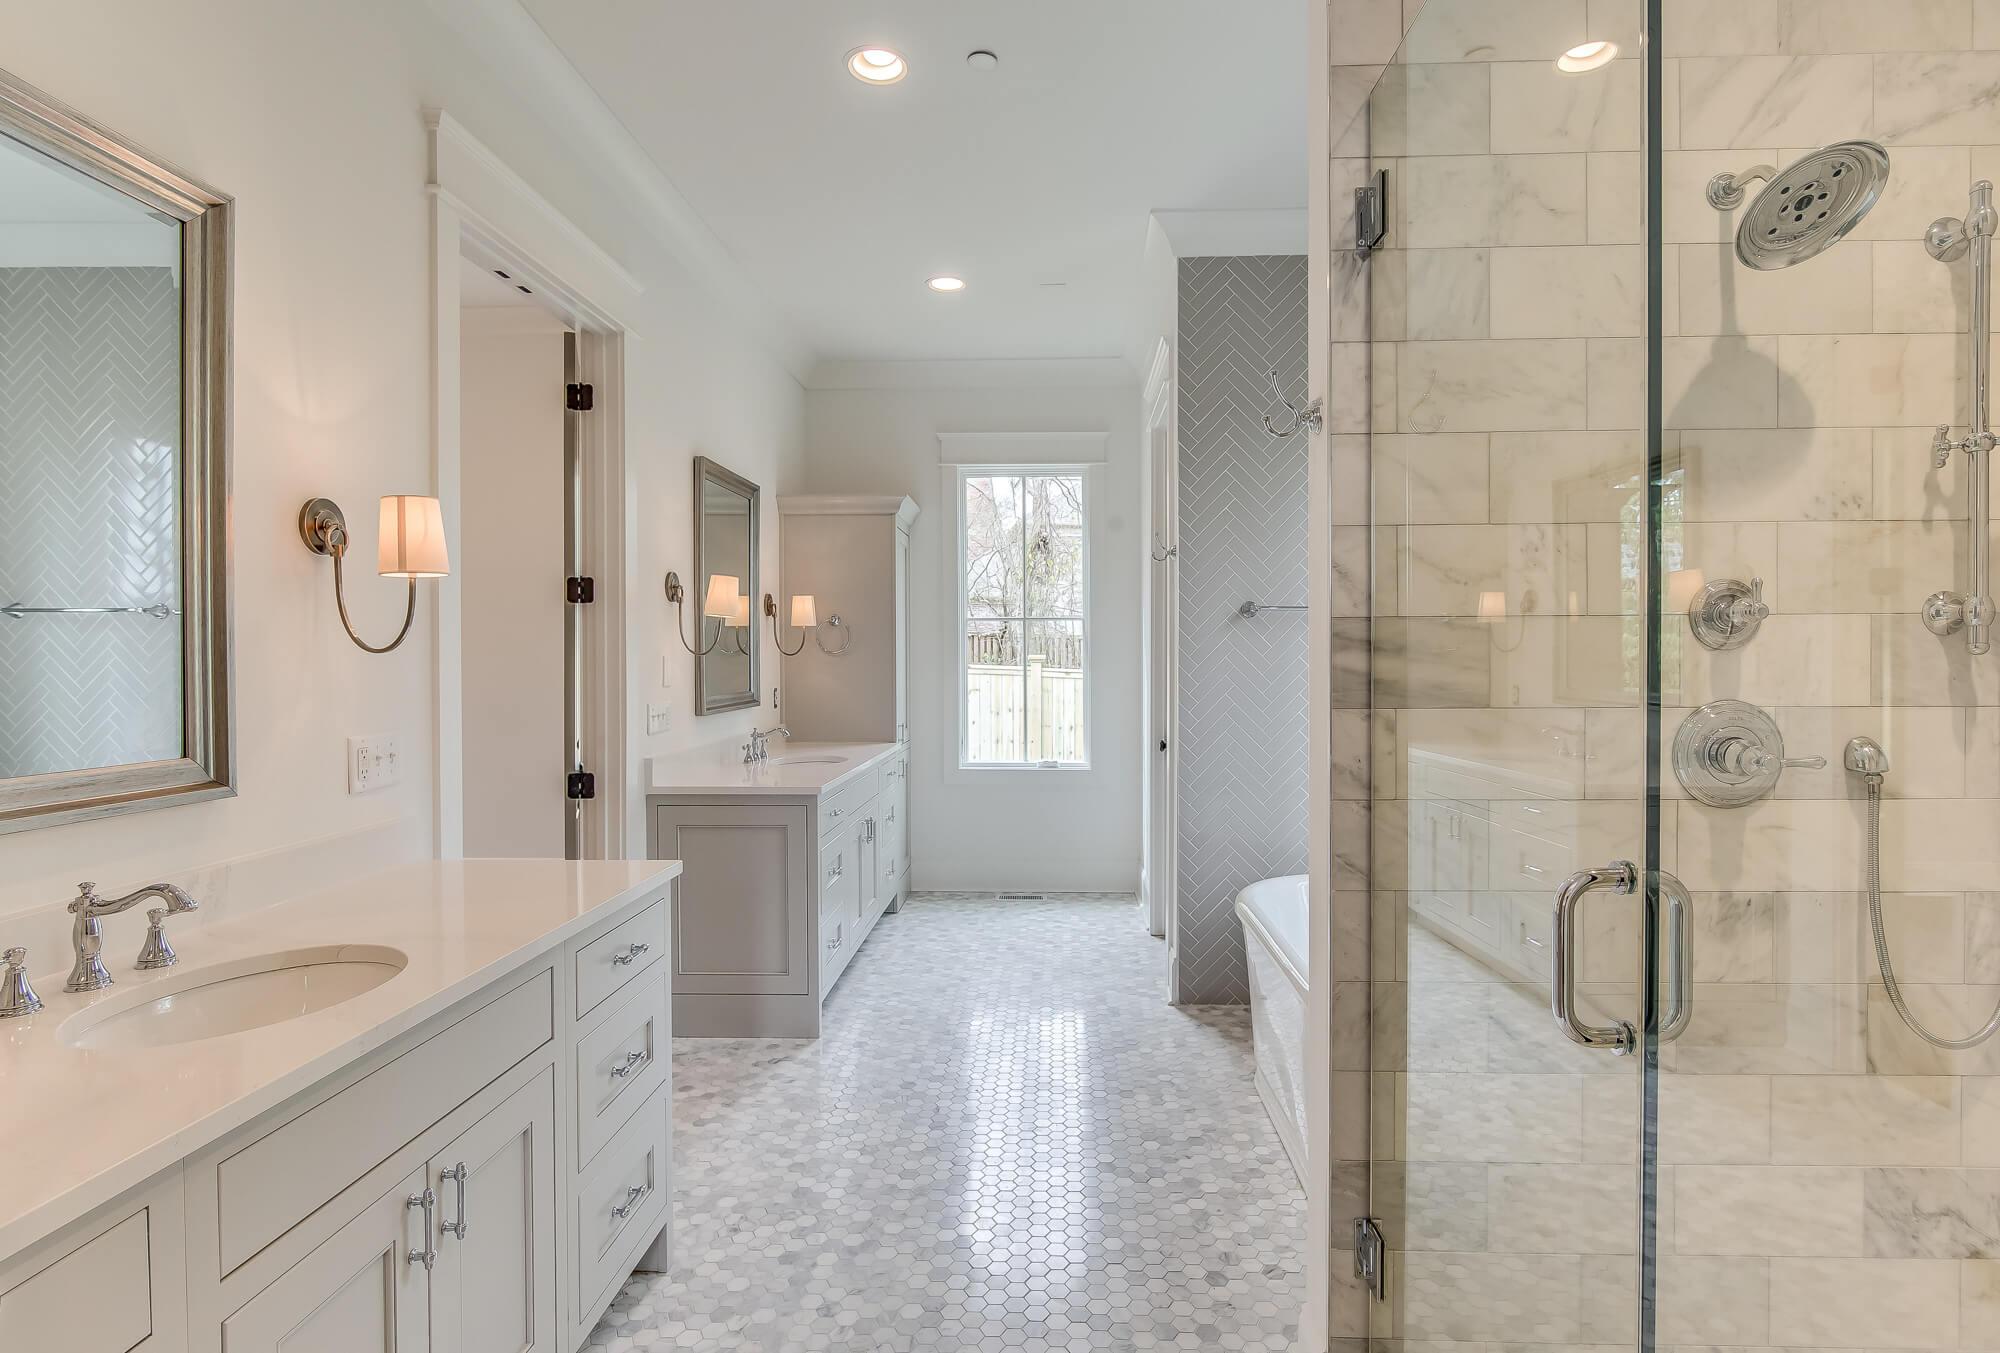 chandelier-development-nashville-tennessee-home-builder--29.jpg